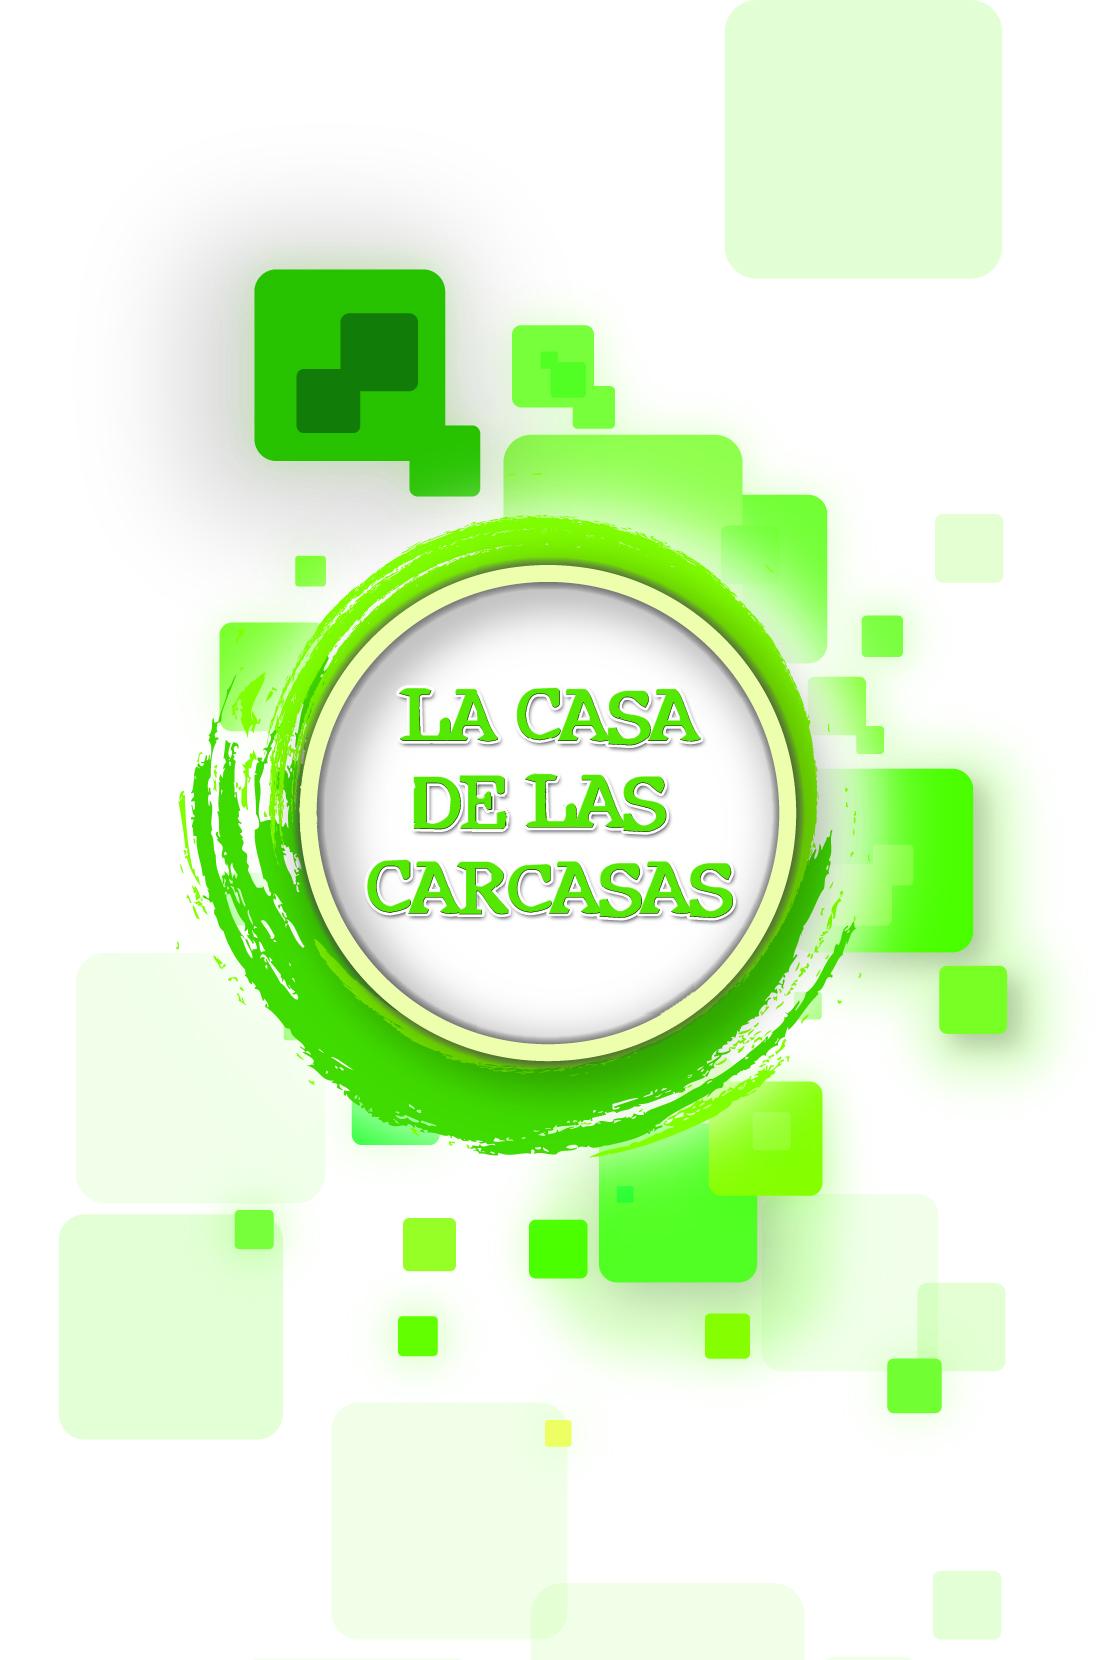 ef2ea20a31d La Casa de las carcasas - Centro Comercial Plaza Aluche